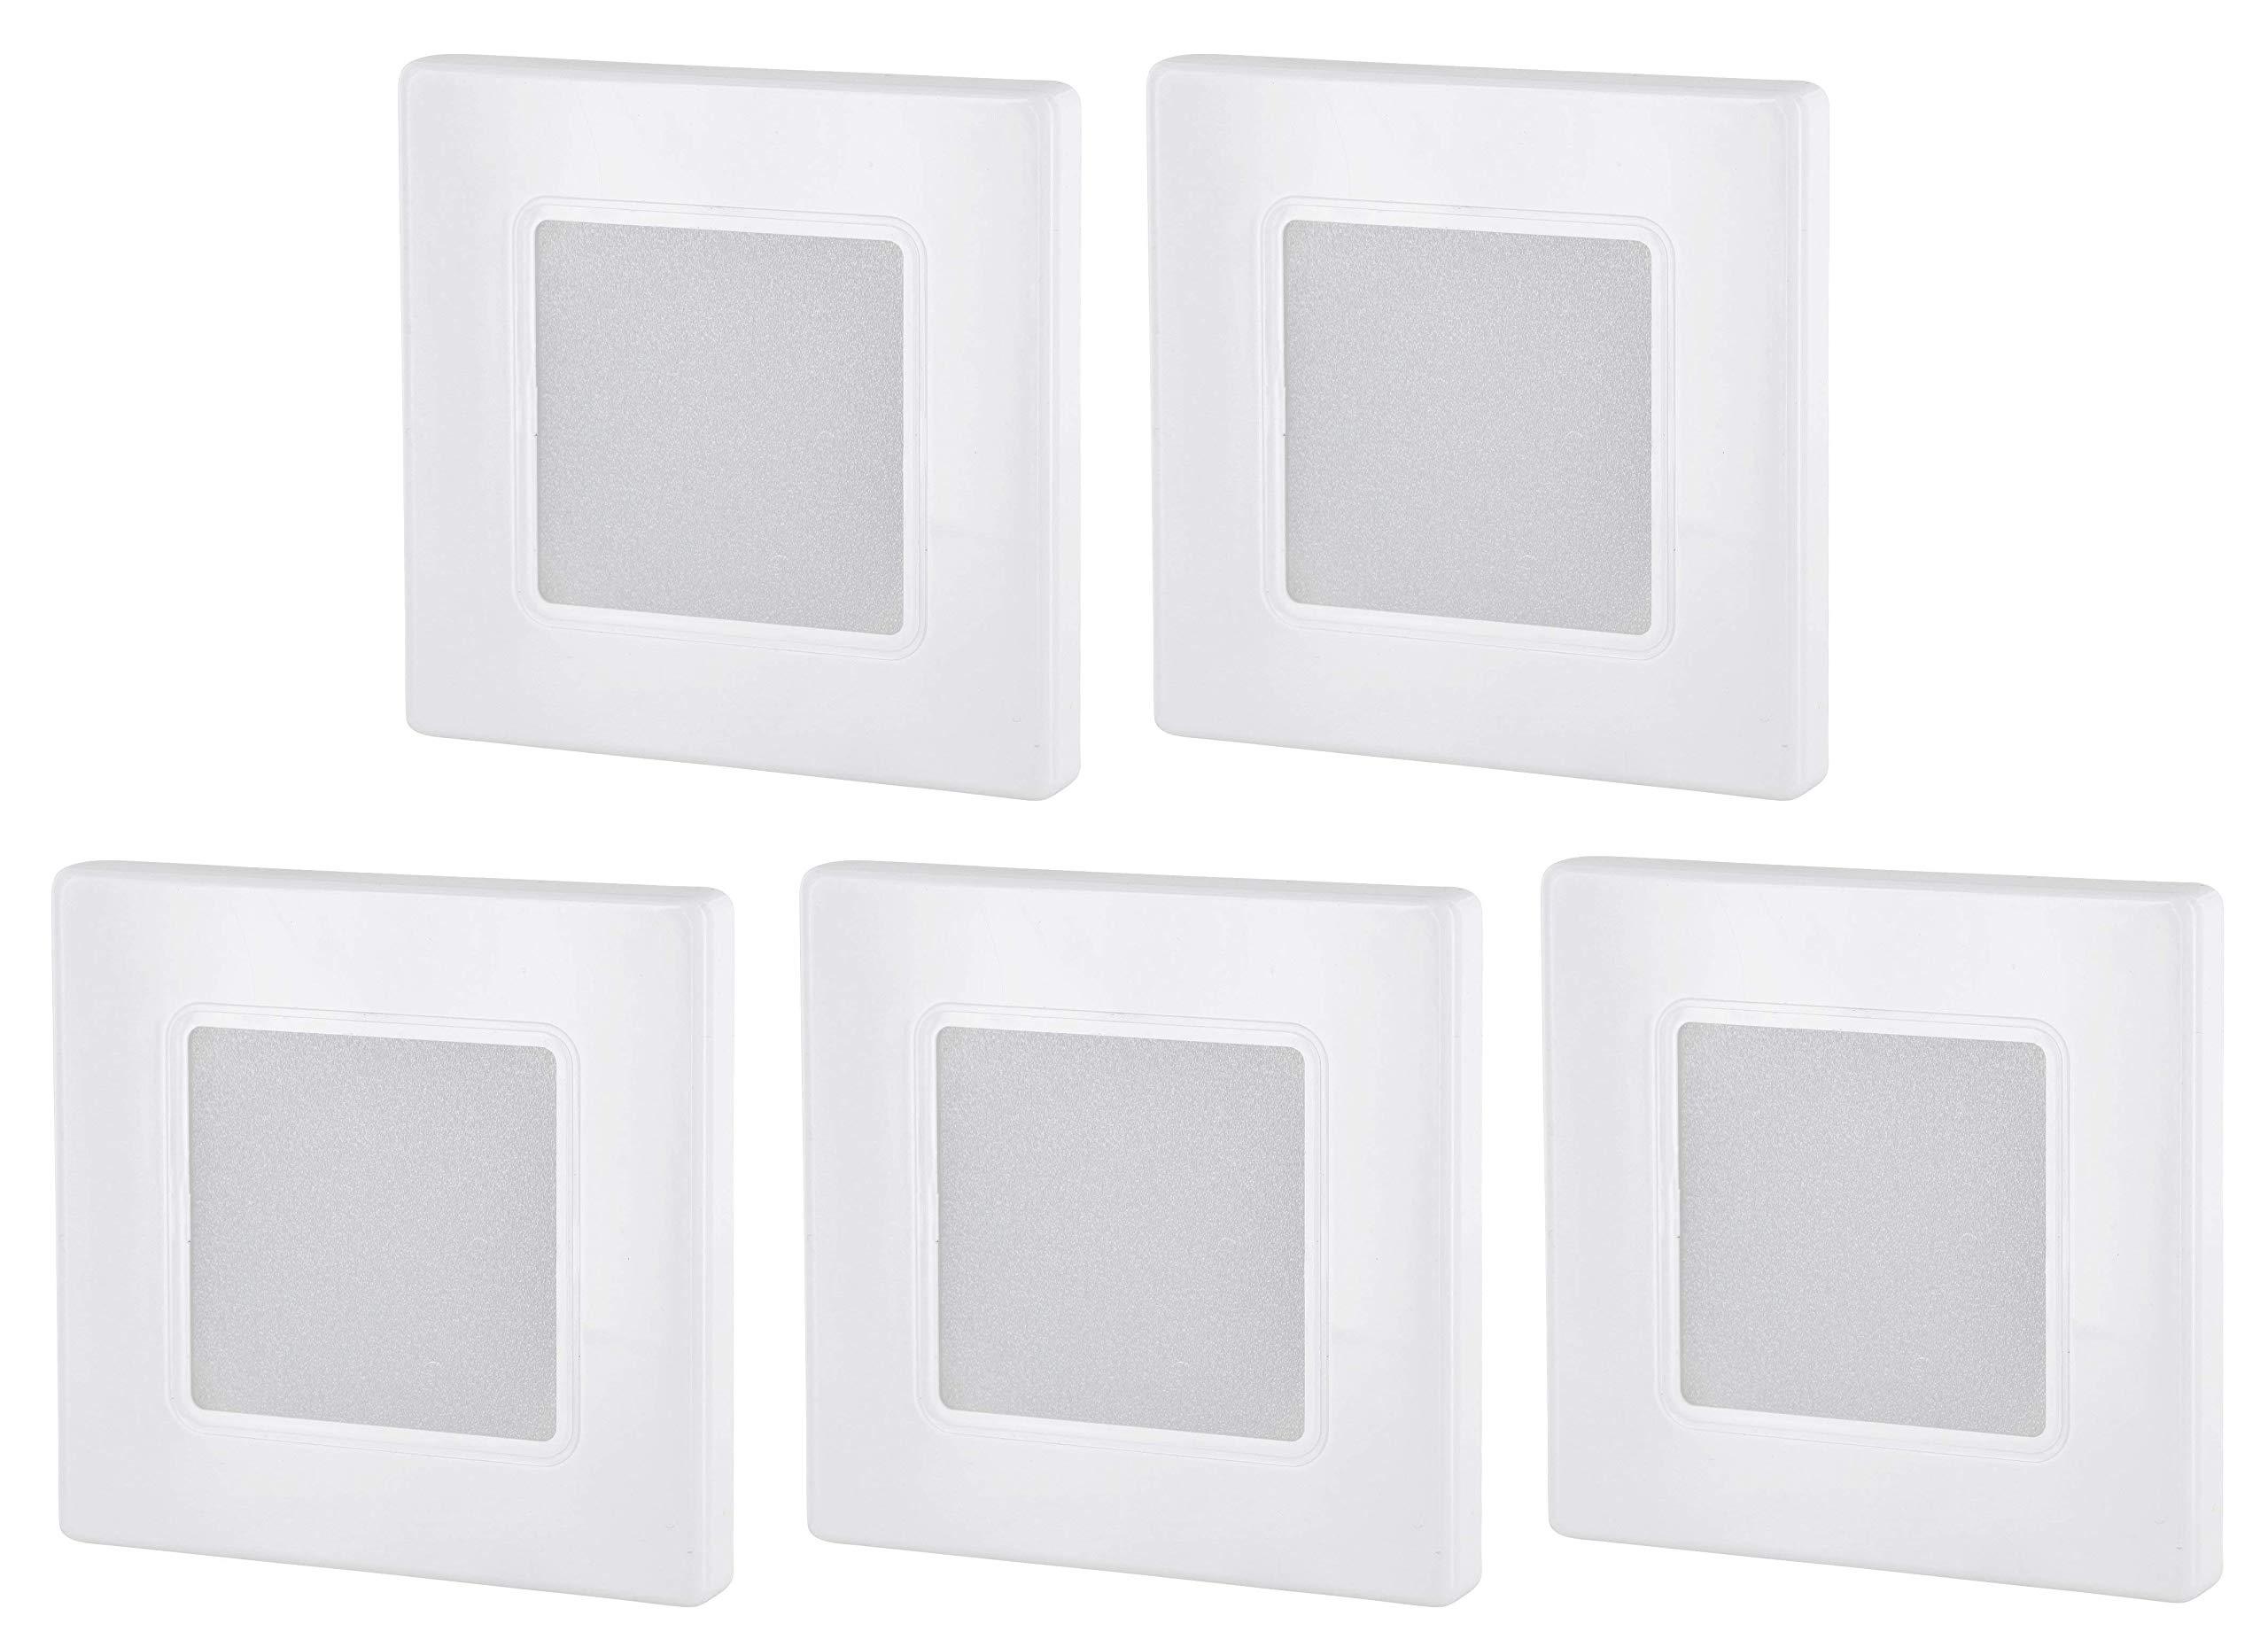 Light Design Dreesbach - Lote de 5 focos led empotrables (230 V, cuadrados, para caja de interruptores de 60 mm, transformador LED integrado, luz blanca cálida, 3000 K): Amazon.es: Iluminación